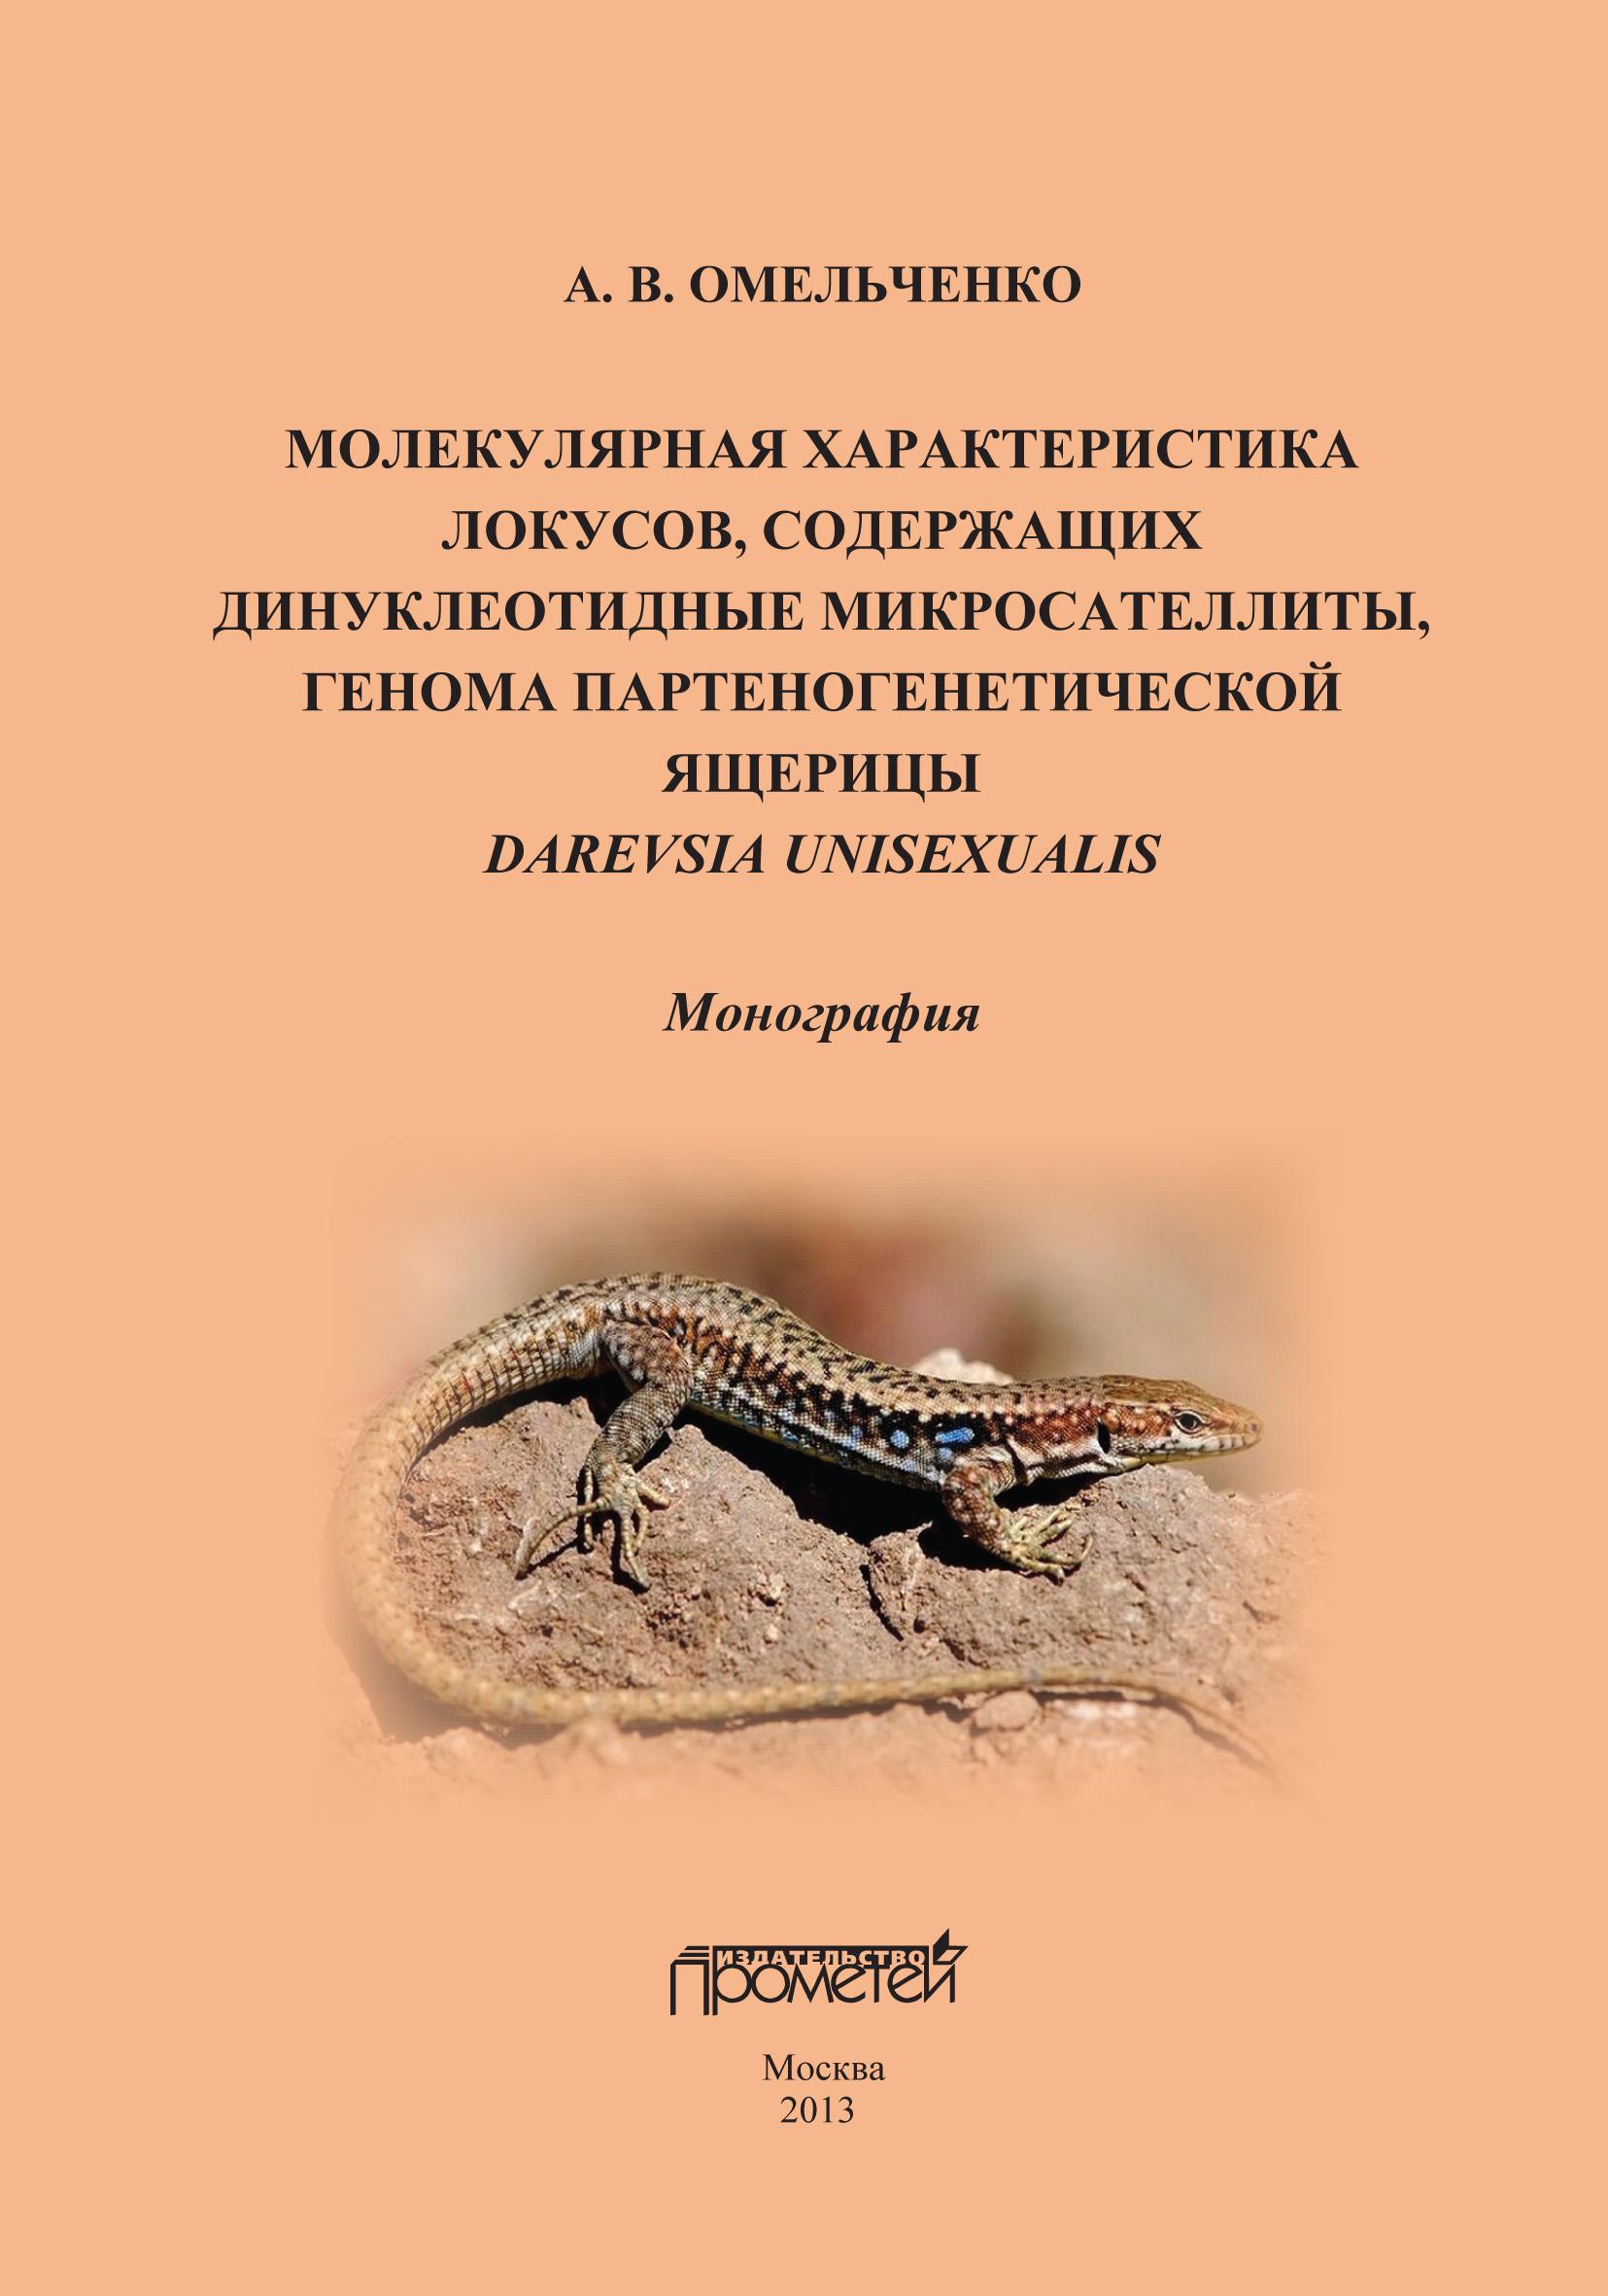 А. В. Омельченко Молекулярная характеристика локусов, содержащих дипуклеотидные микросателлиты, генома партеногенетической ящерицы Darevskia unisexualis